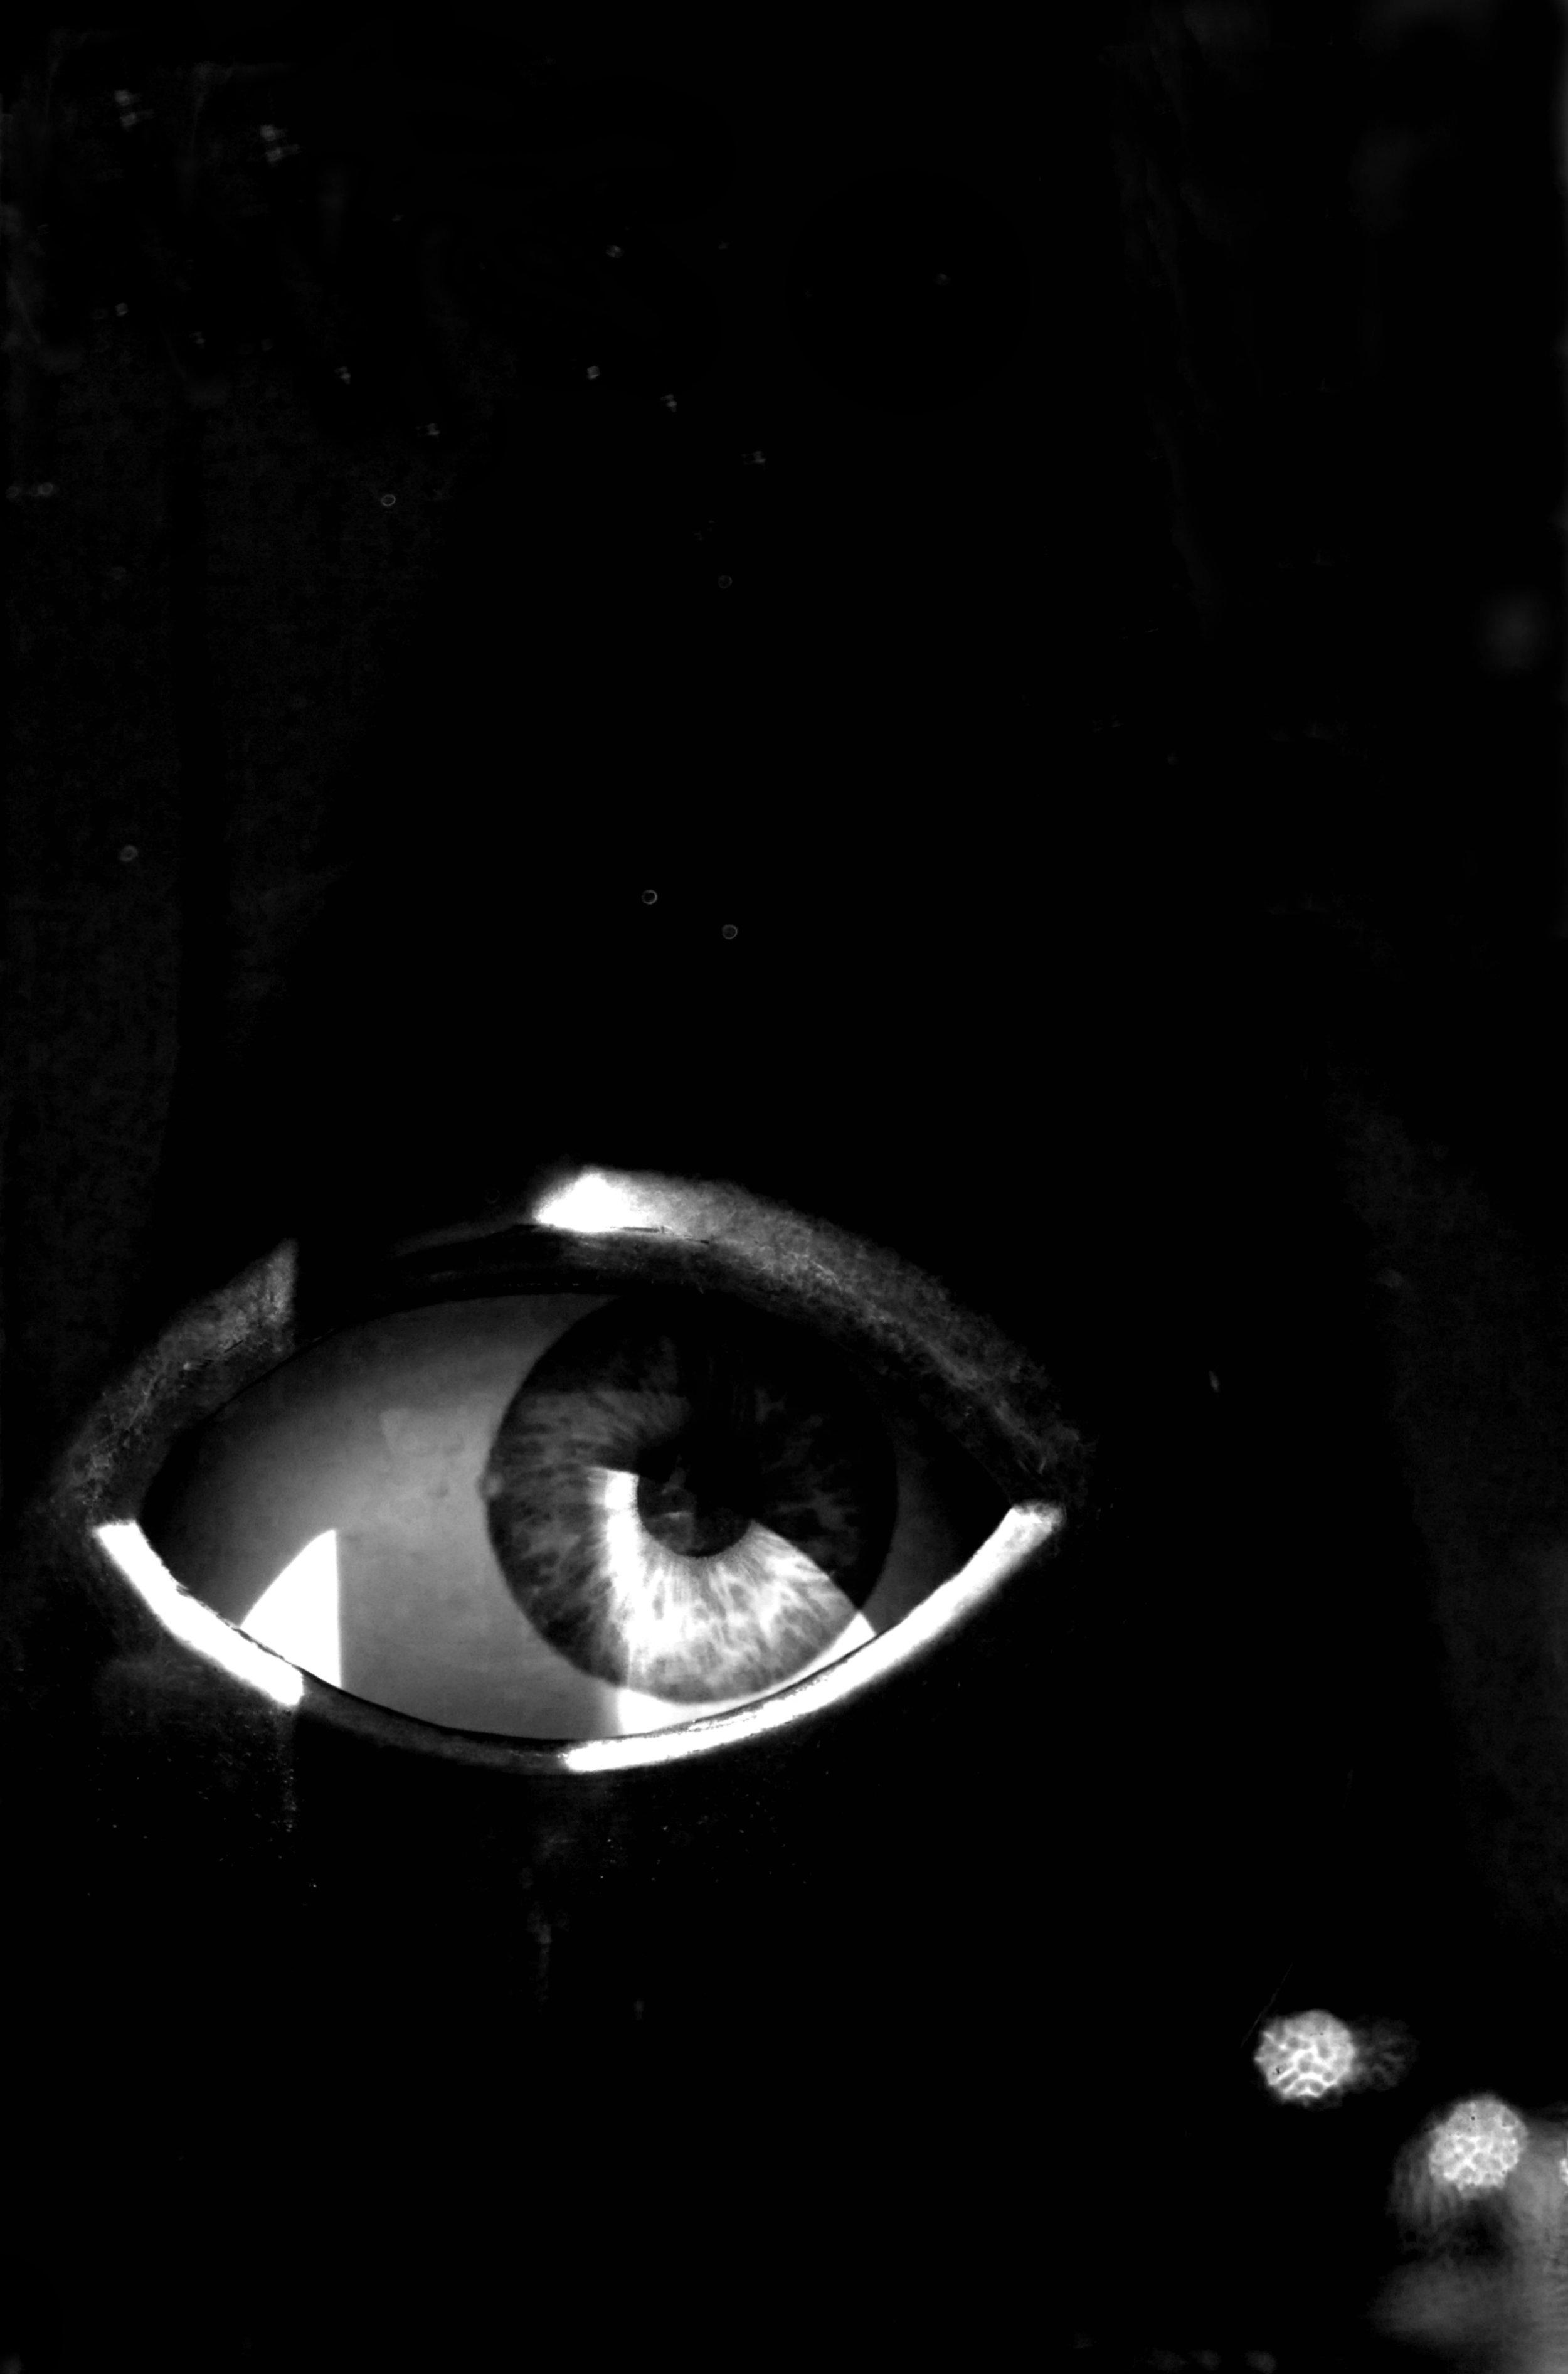 ritamaria-eye-002.jpg